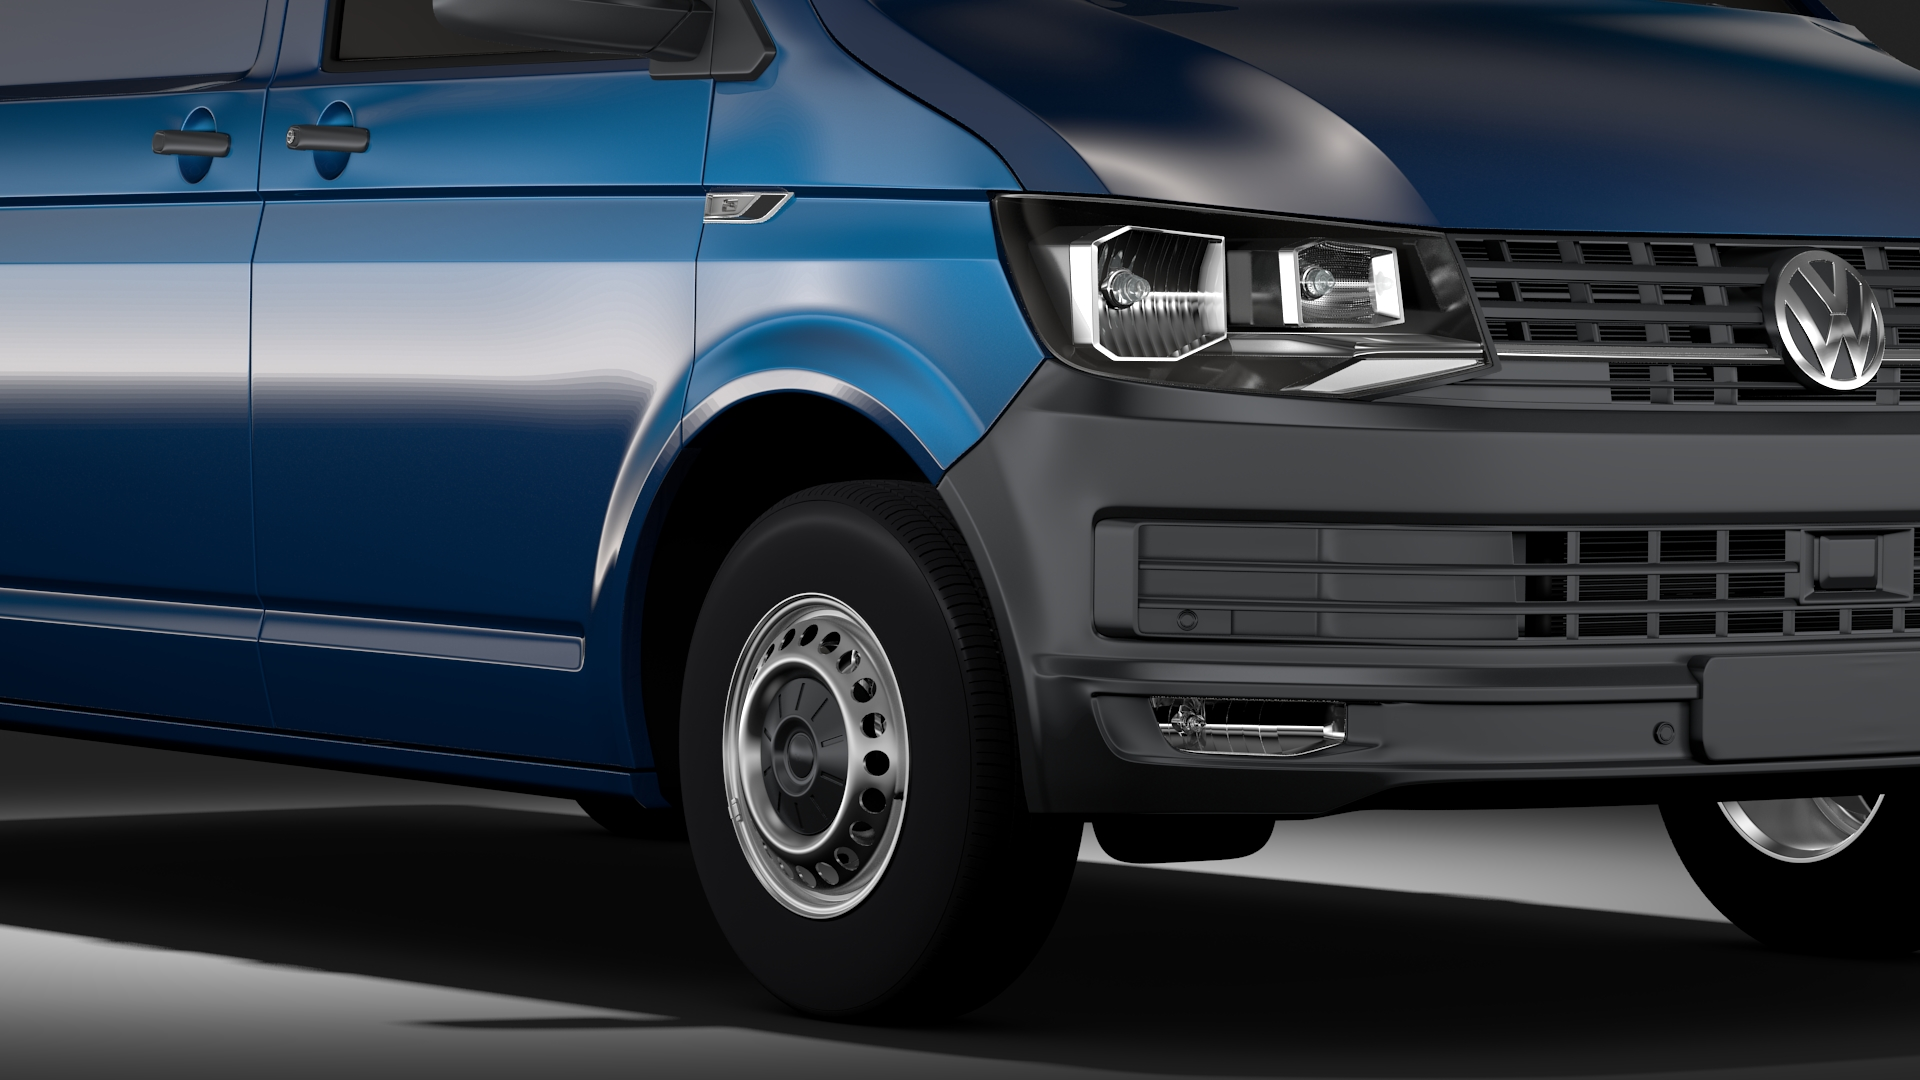 volkswagen transporter van l1h1 t6 2017 3d model fbx c4d lwo ma mb hrc xsi obj 275123